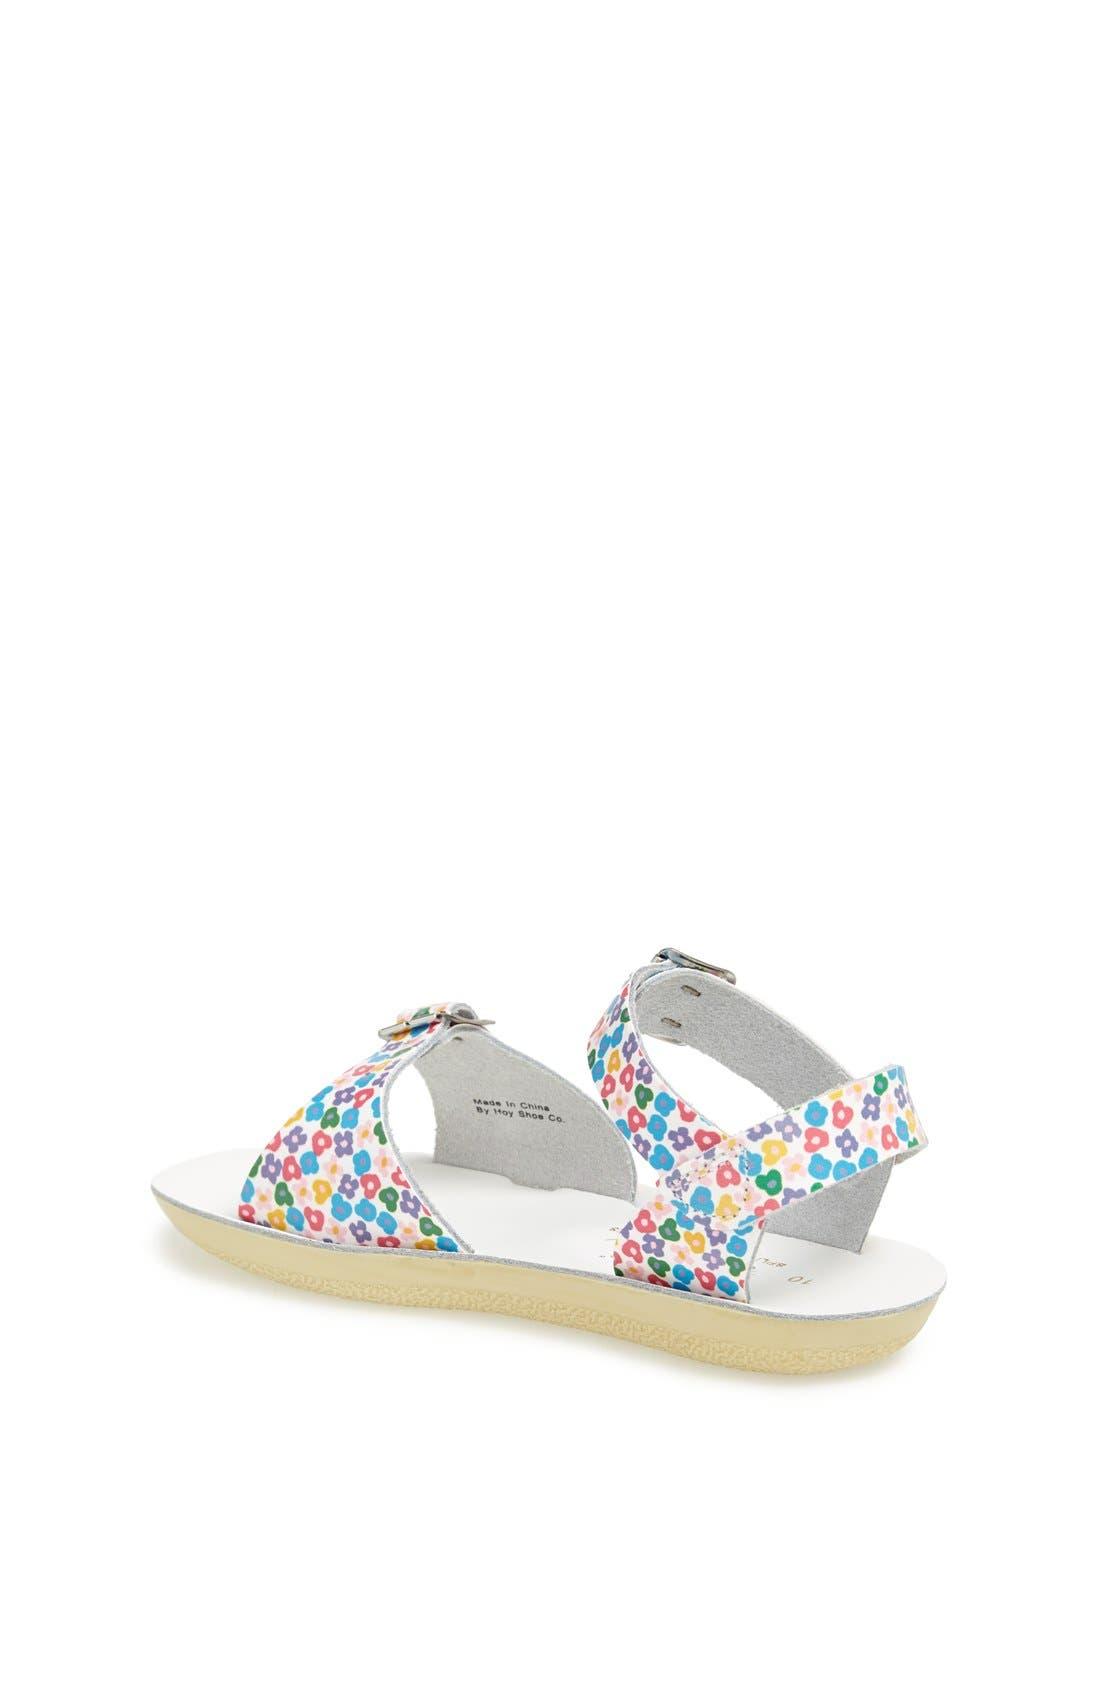 Shoe Company 'Floral Surfer' Sandal,                             Alternate thumbnail 2, color,                             100